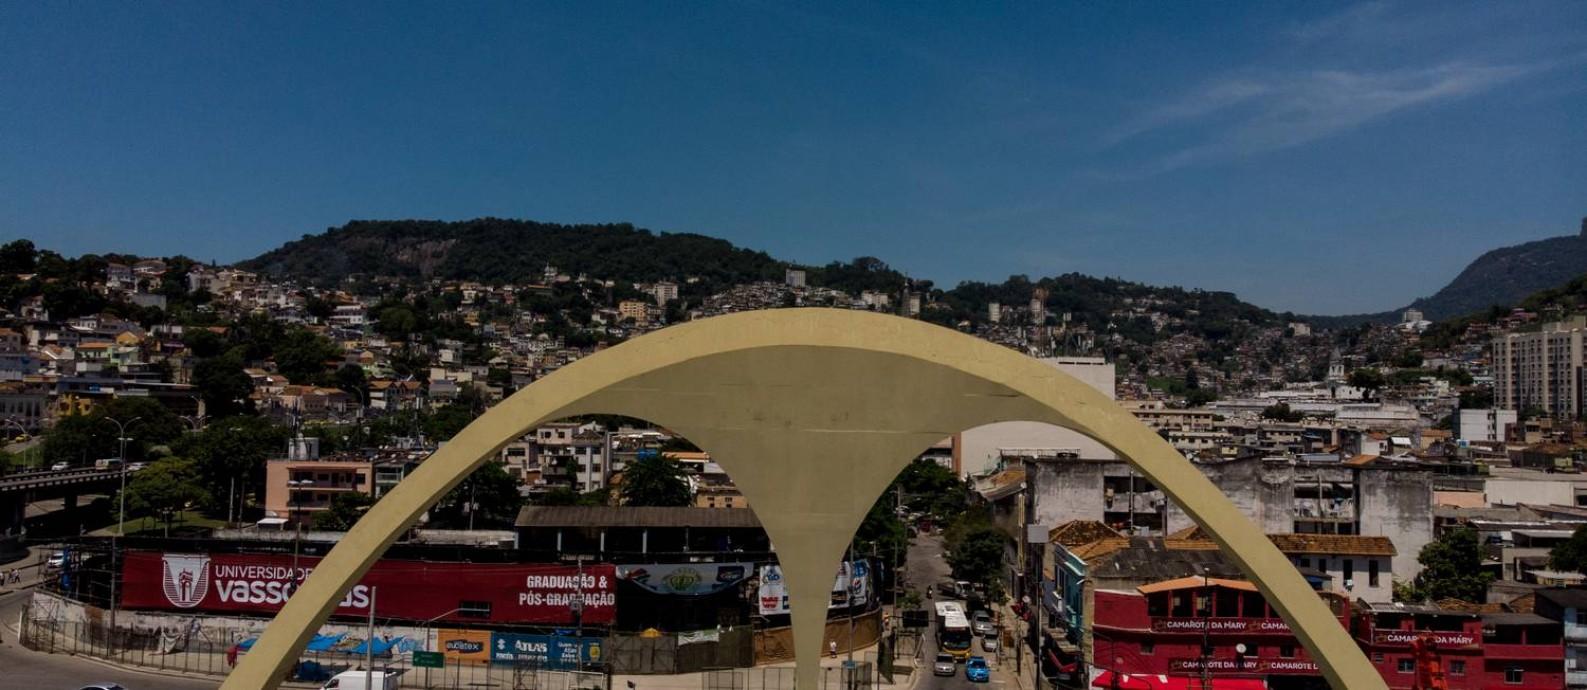 Os problemas no Sambódromo vão desde goteiras a fios de energia expostos Foto: Brenno Carvalho / Agência O Globo